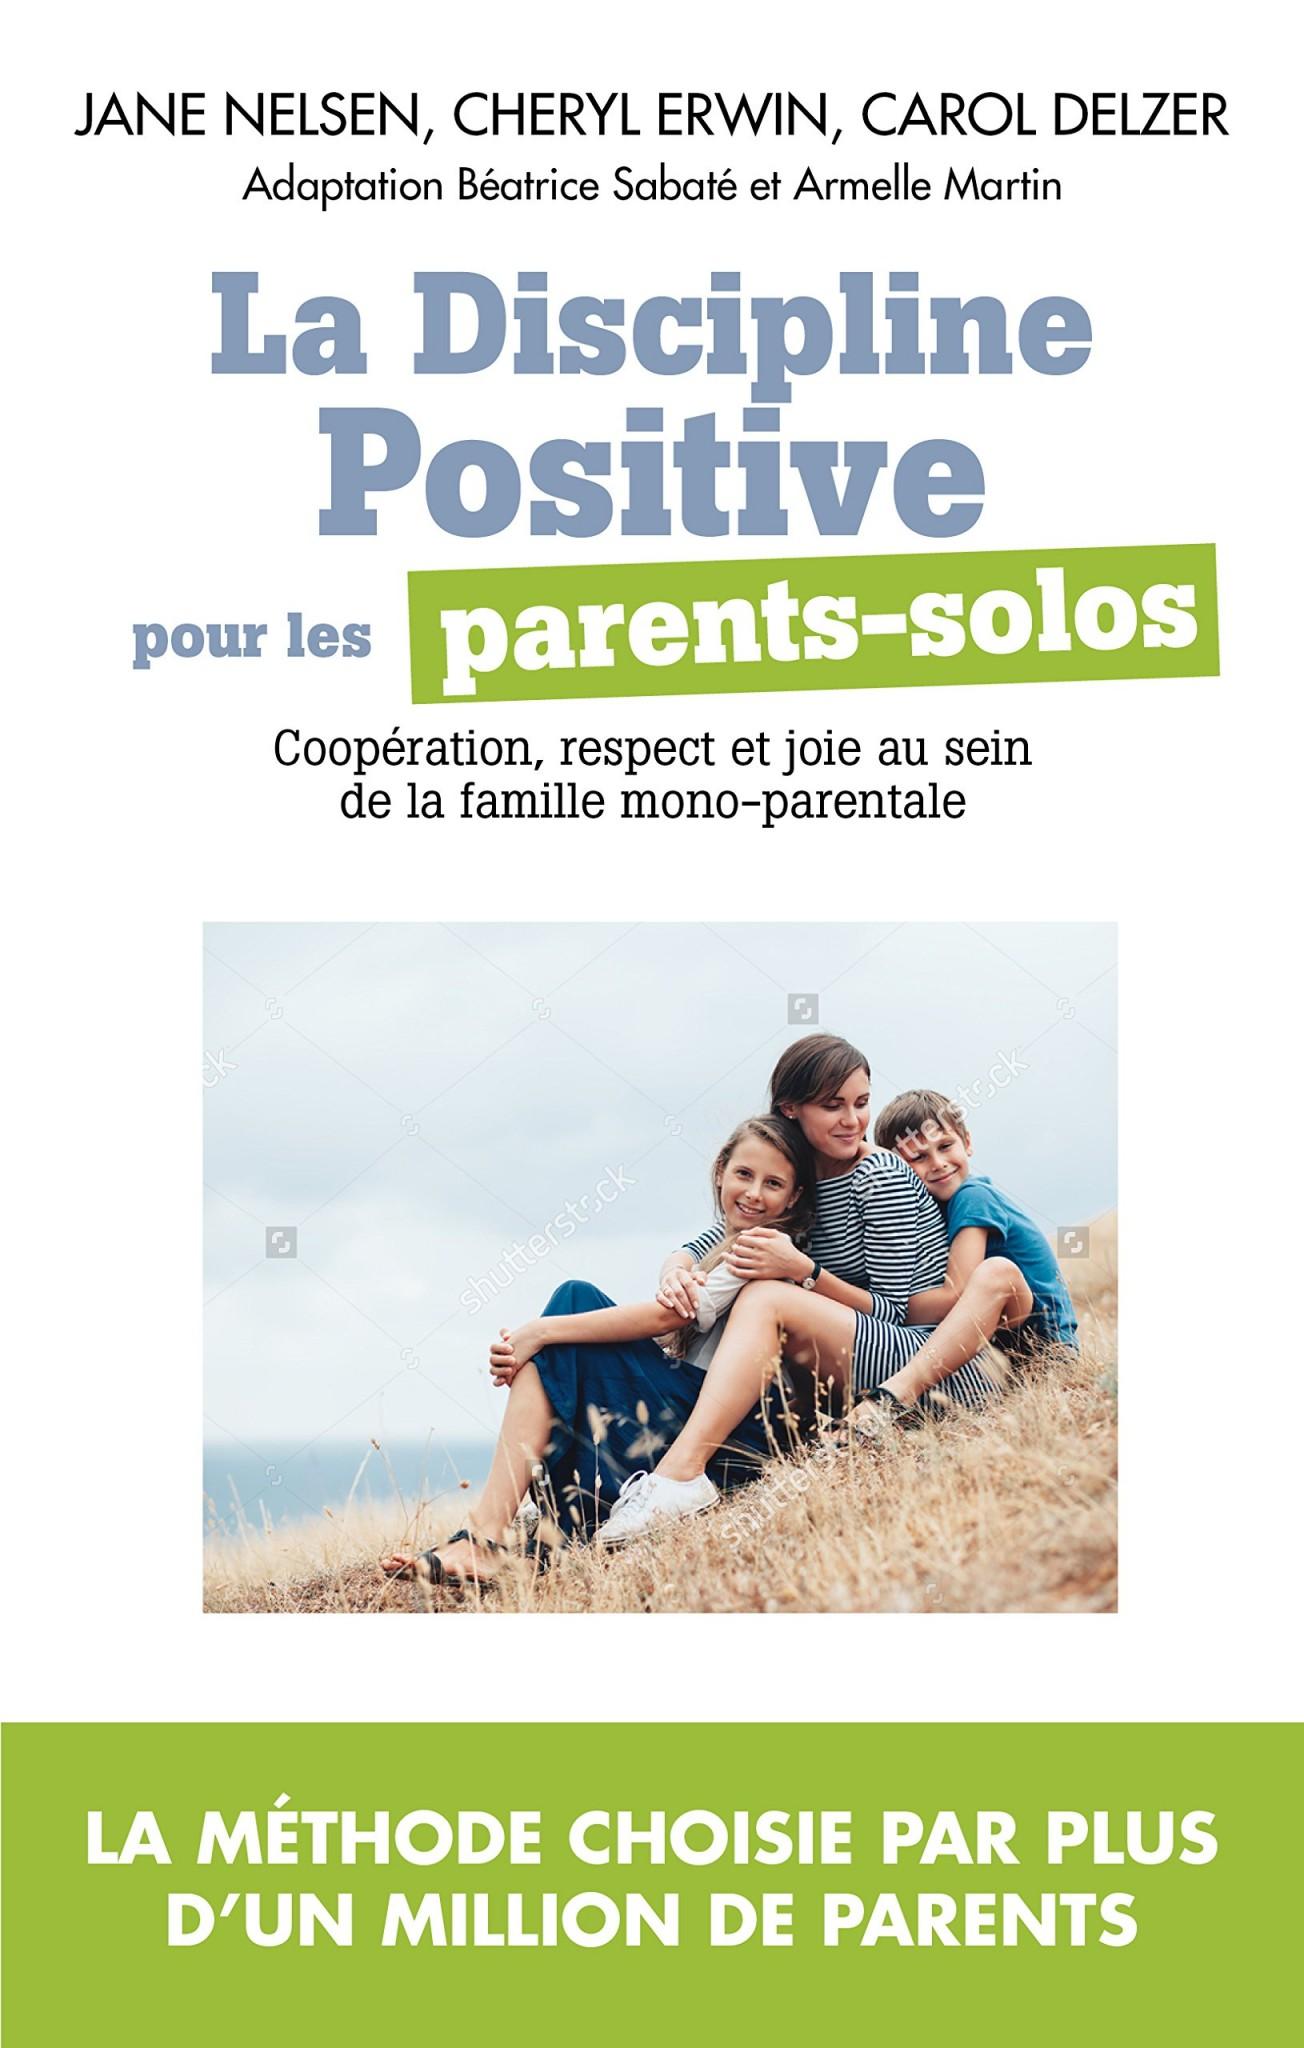 la-discipline-positive-pour-les-parents-solos